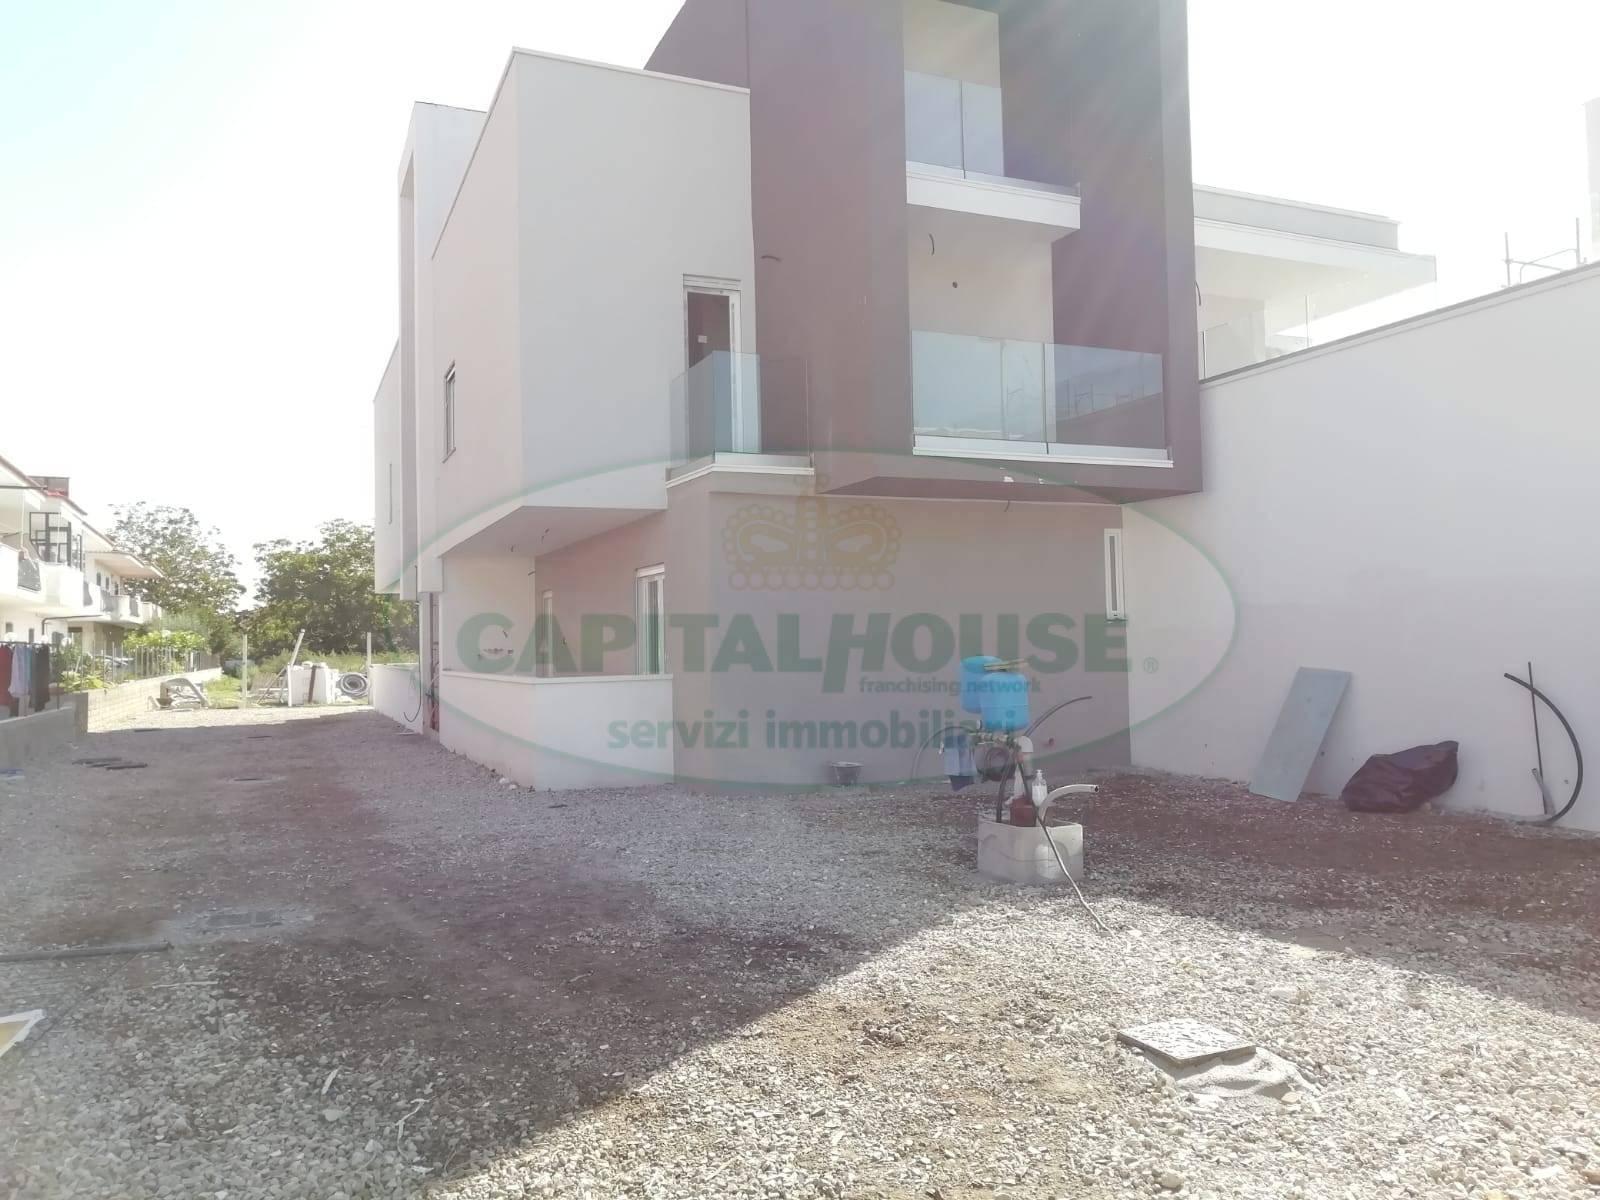 Appartamento in vendita a Pomigliano d'Arco, 4 locali, prezzo € 175.000 | PortaleAgenzieImmobiliari.it